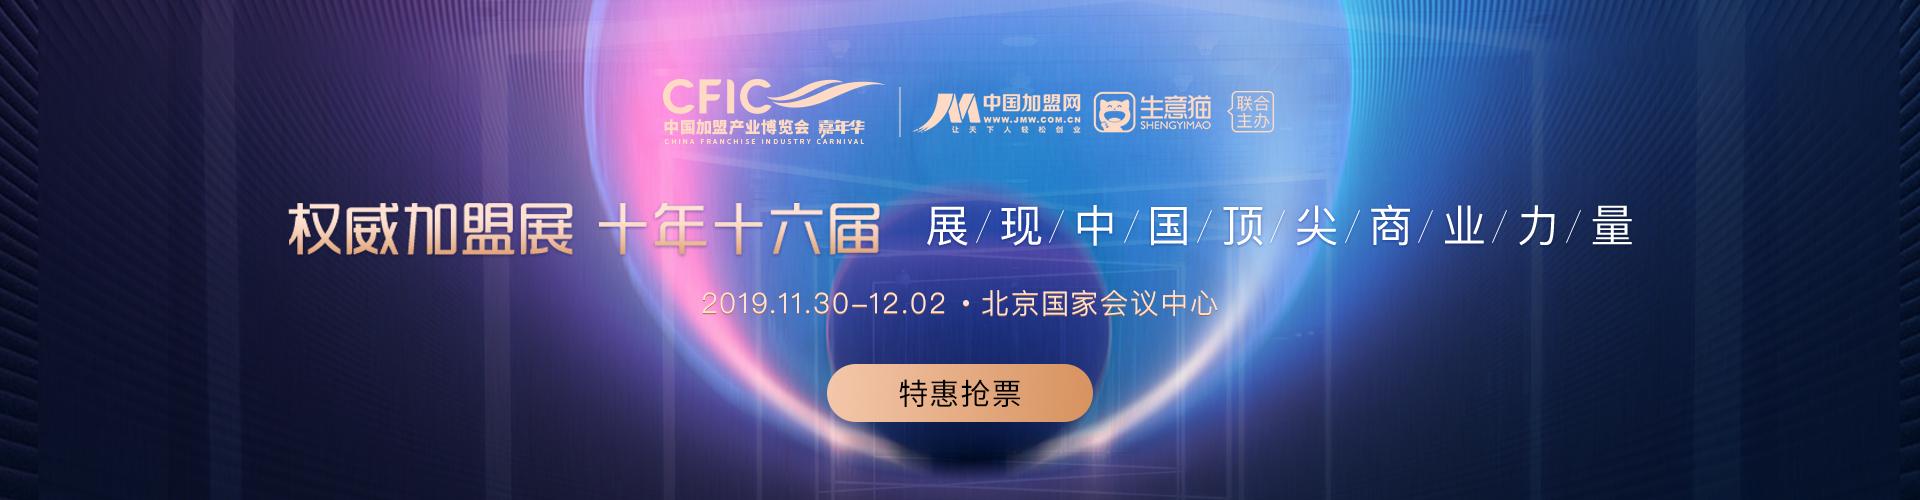 第16届中国加盟产业博览会 | 嘉年华